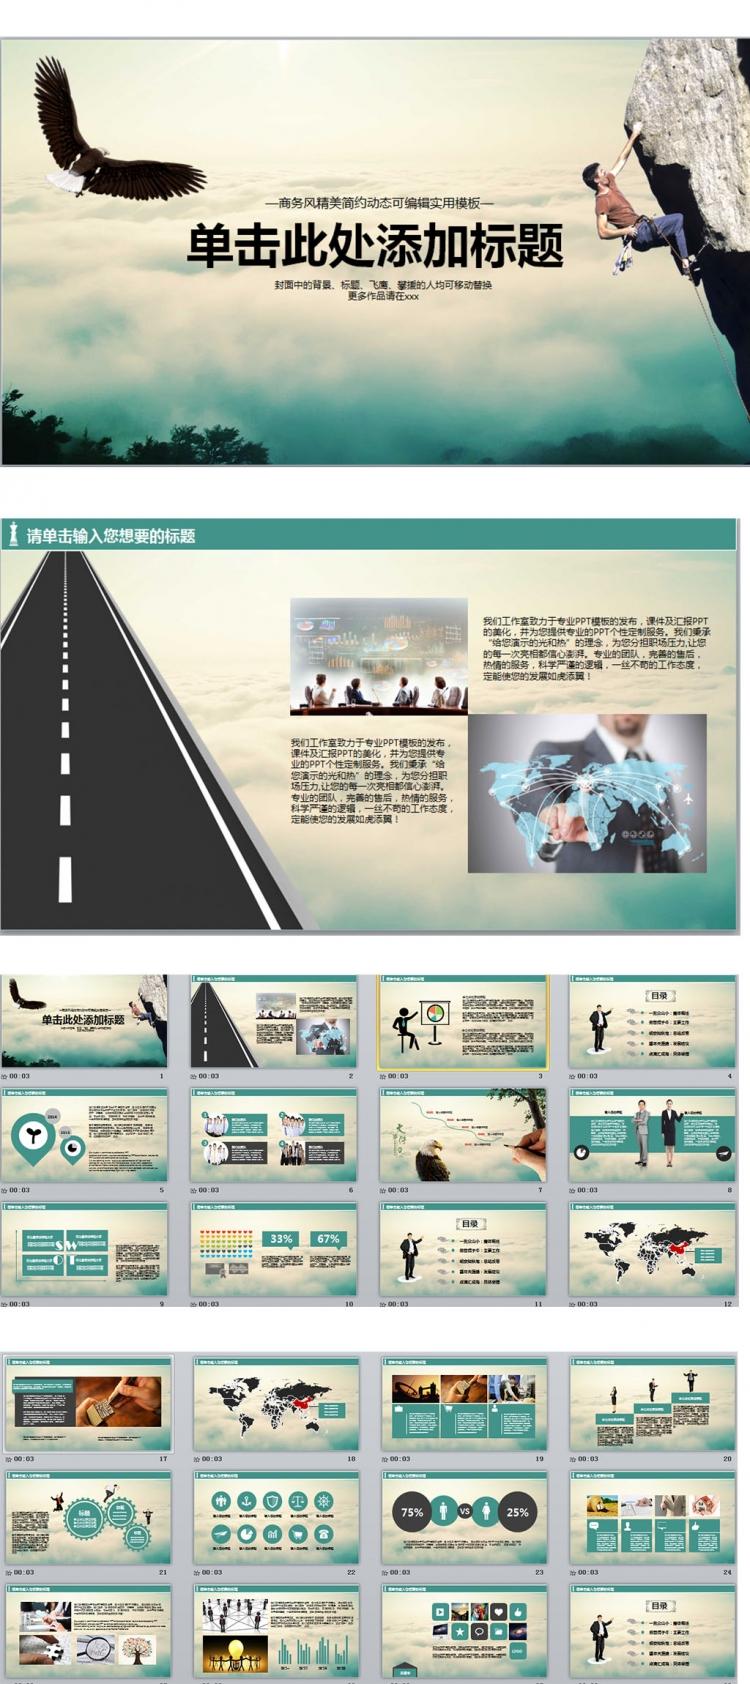 商务攀登大气动态ppt模板 - 演界网,中国首家演示设计